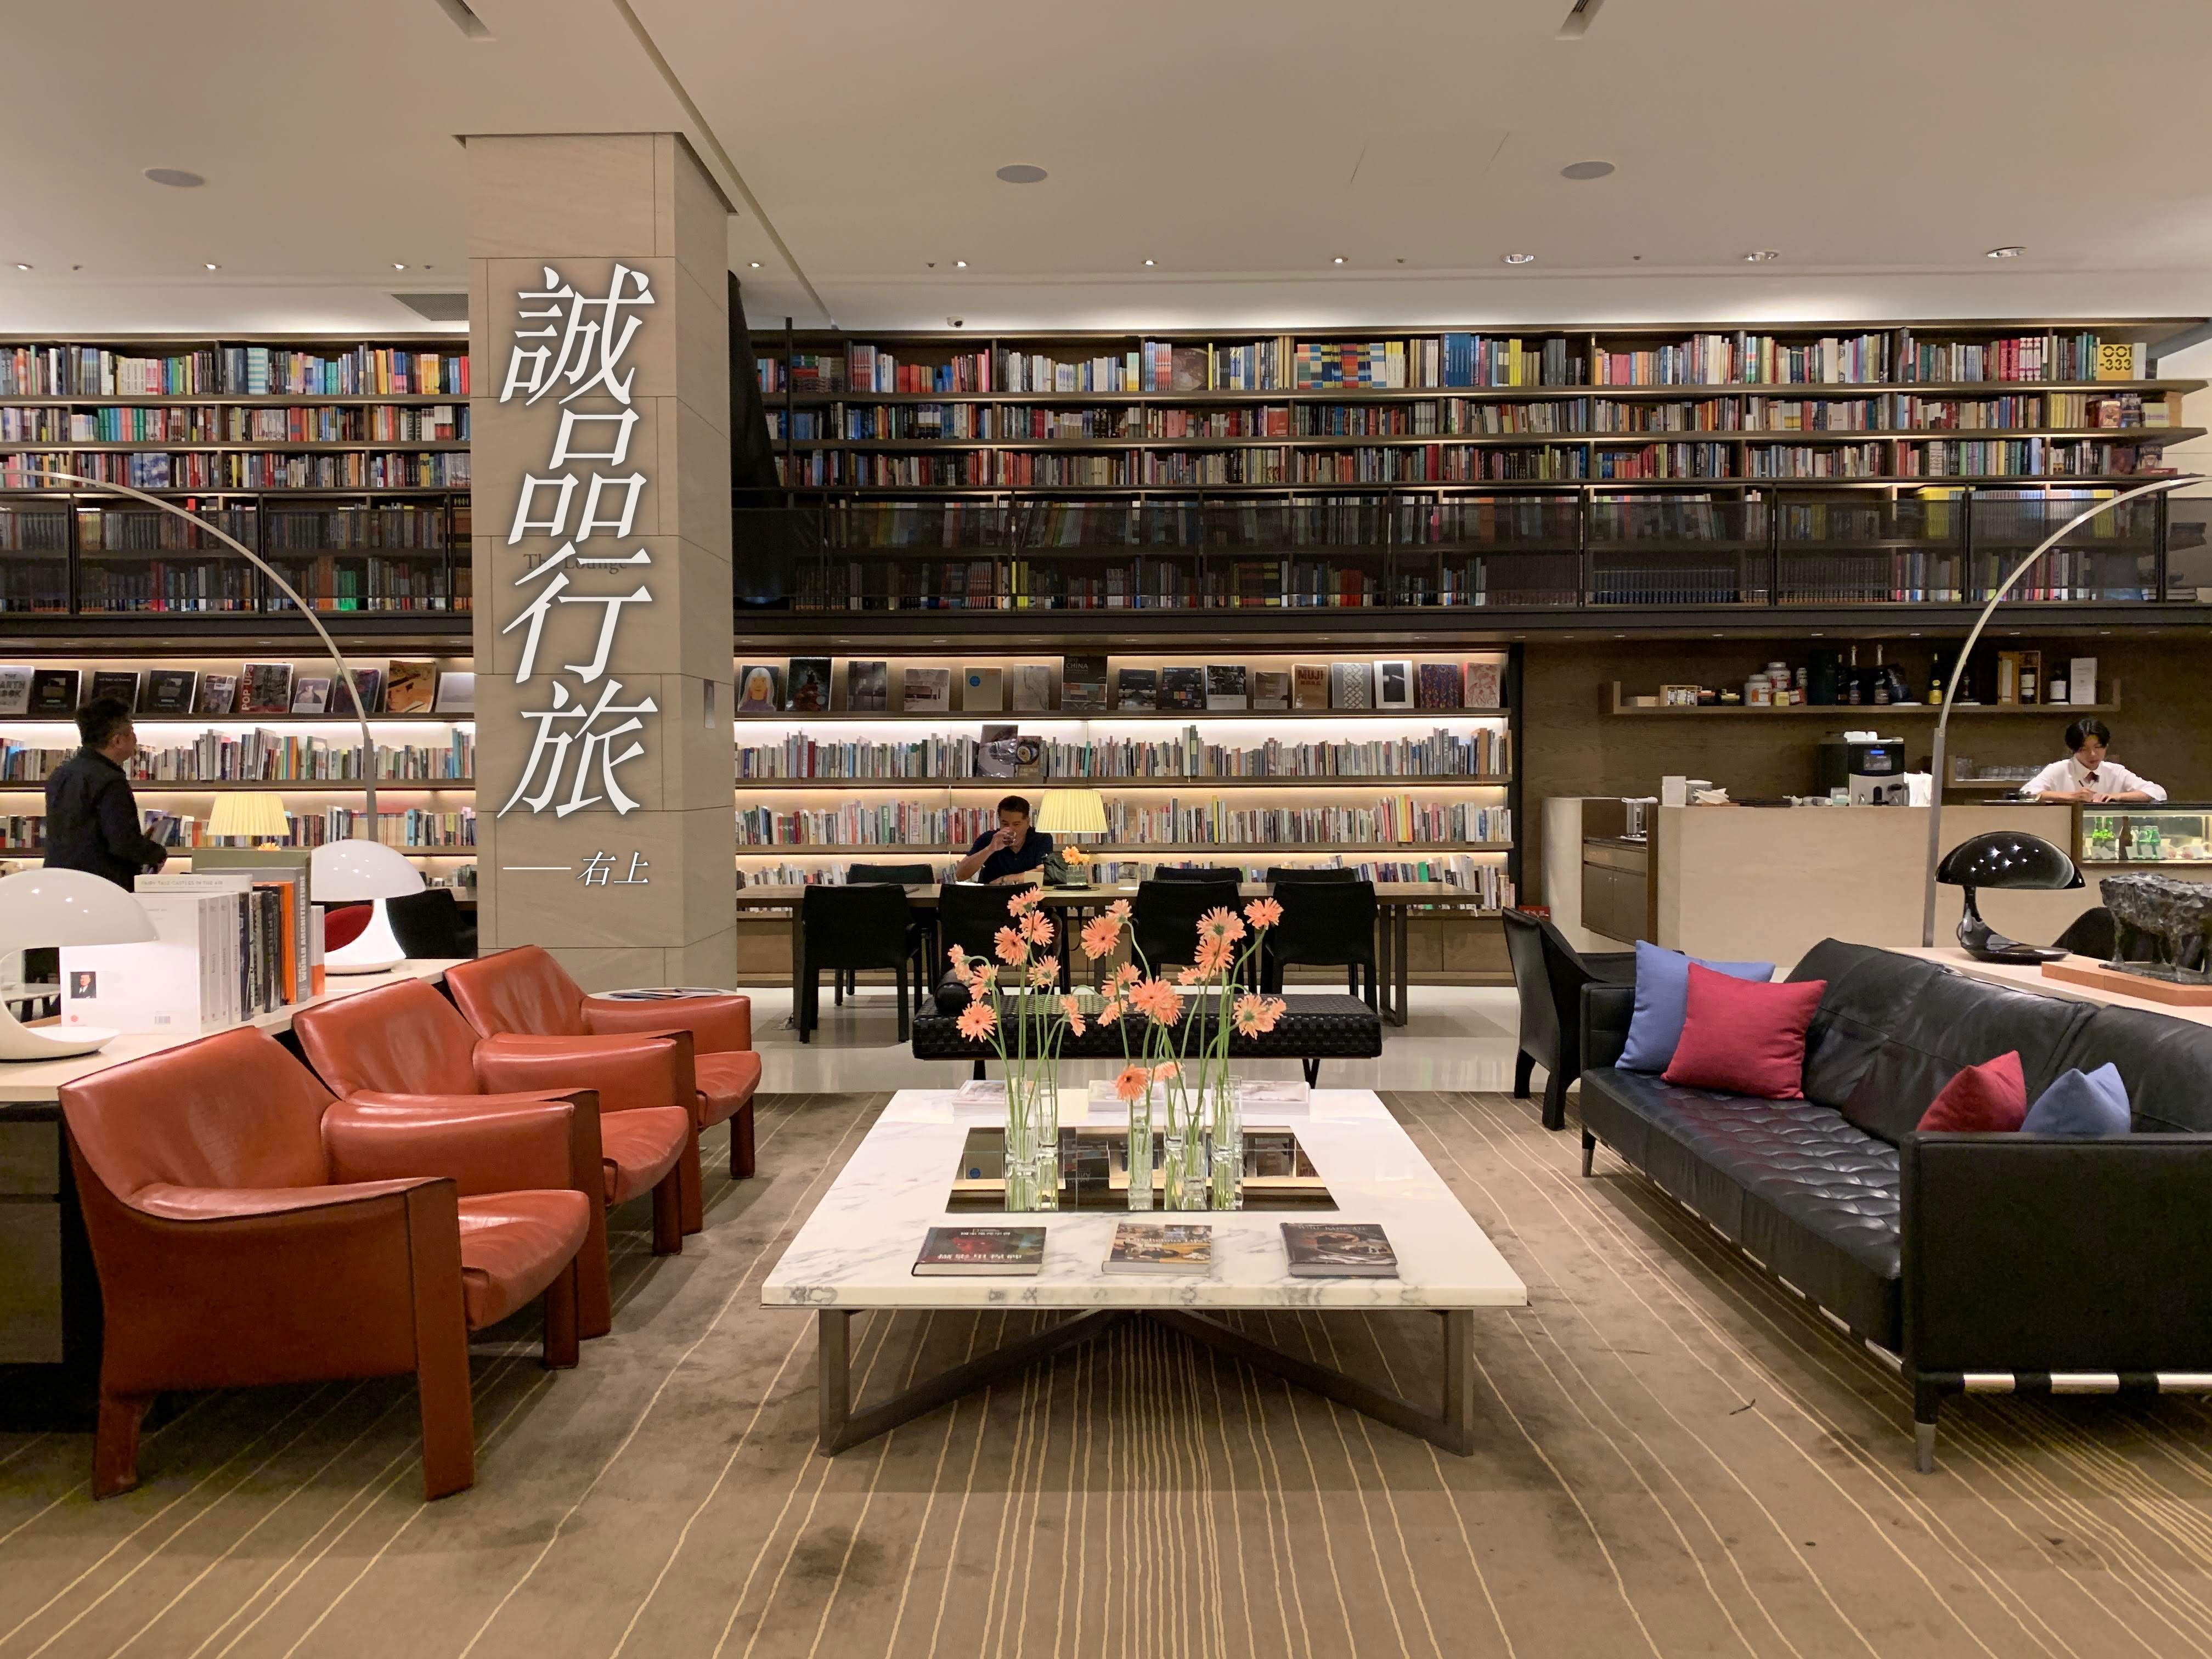 台北飯店-價值五萬經典皮椅、Dyson與歐舒丹備品,細節貼心的住宿:誠品行旅